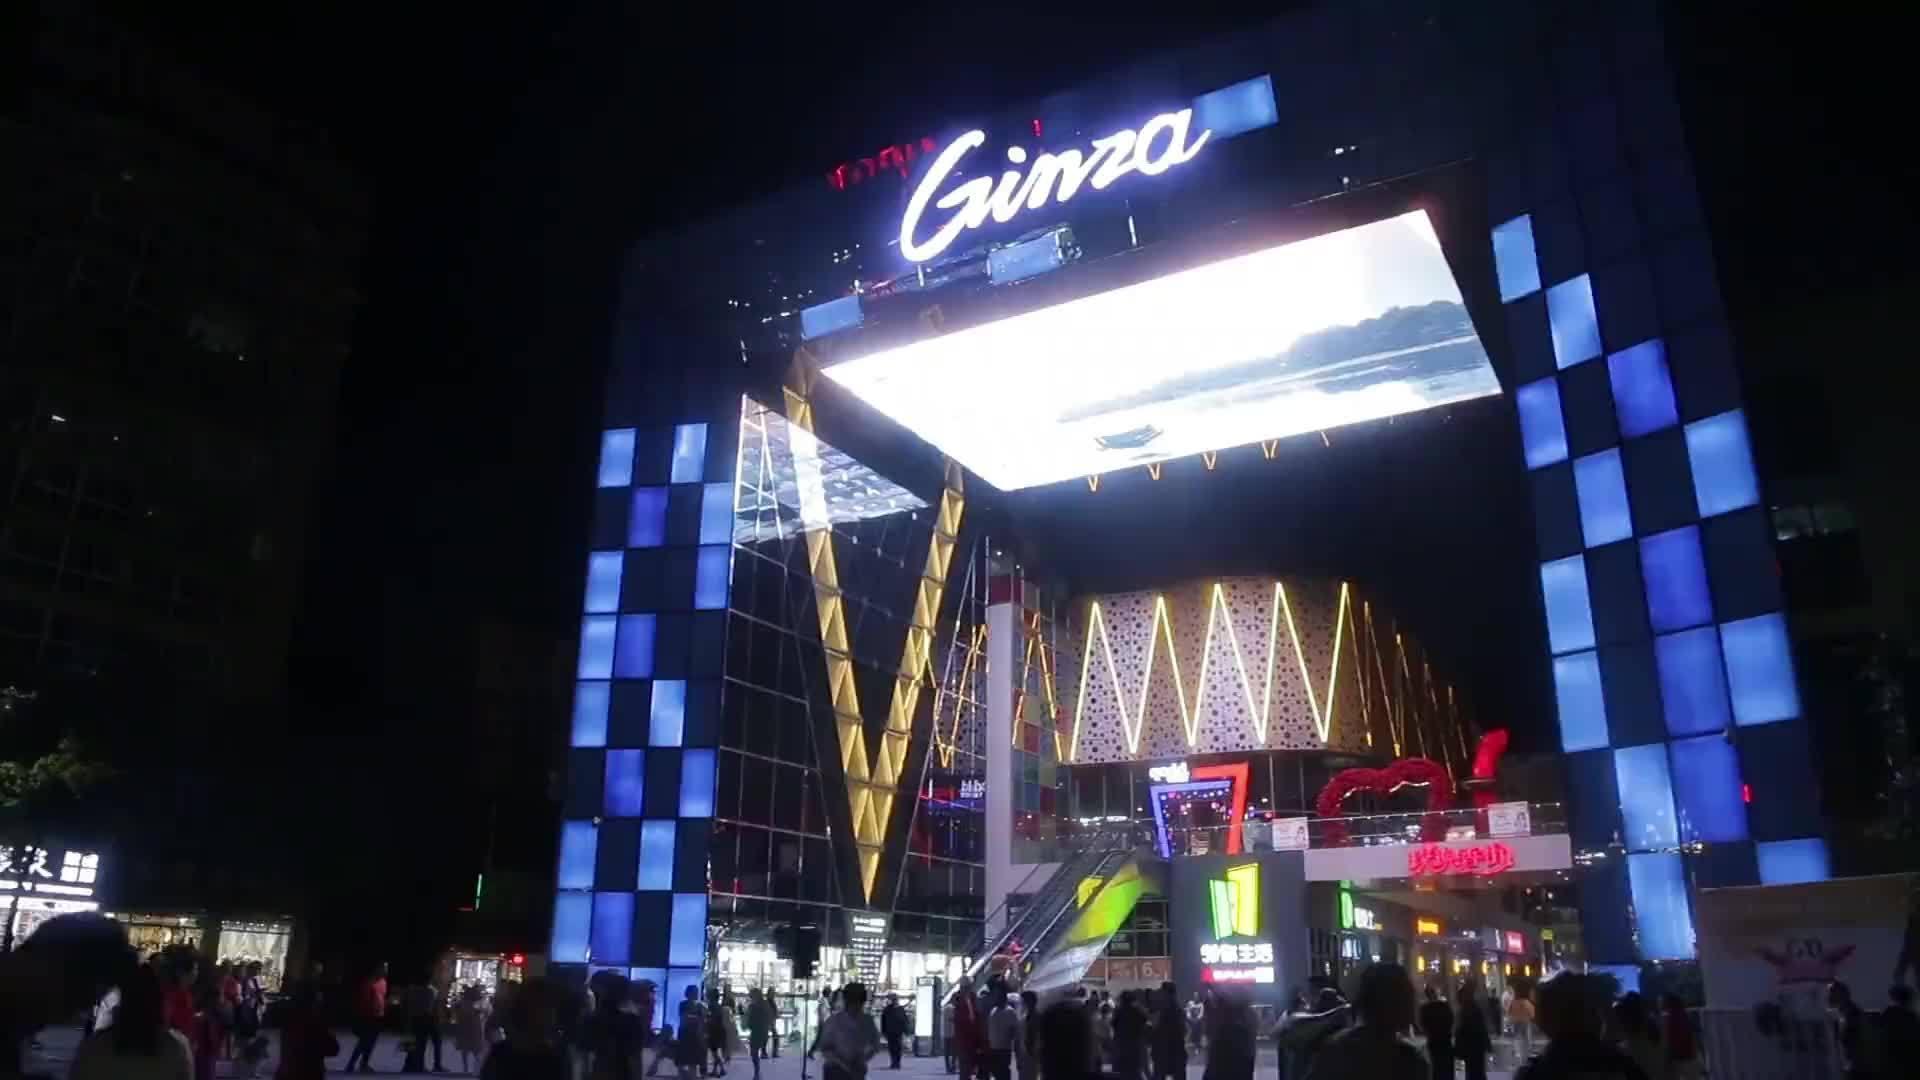 广汉银座商业中心夜经济,位于广汉市中山大道与东西大道交汇处……